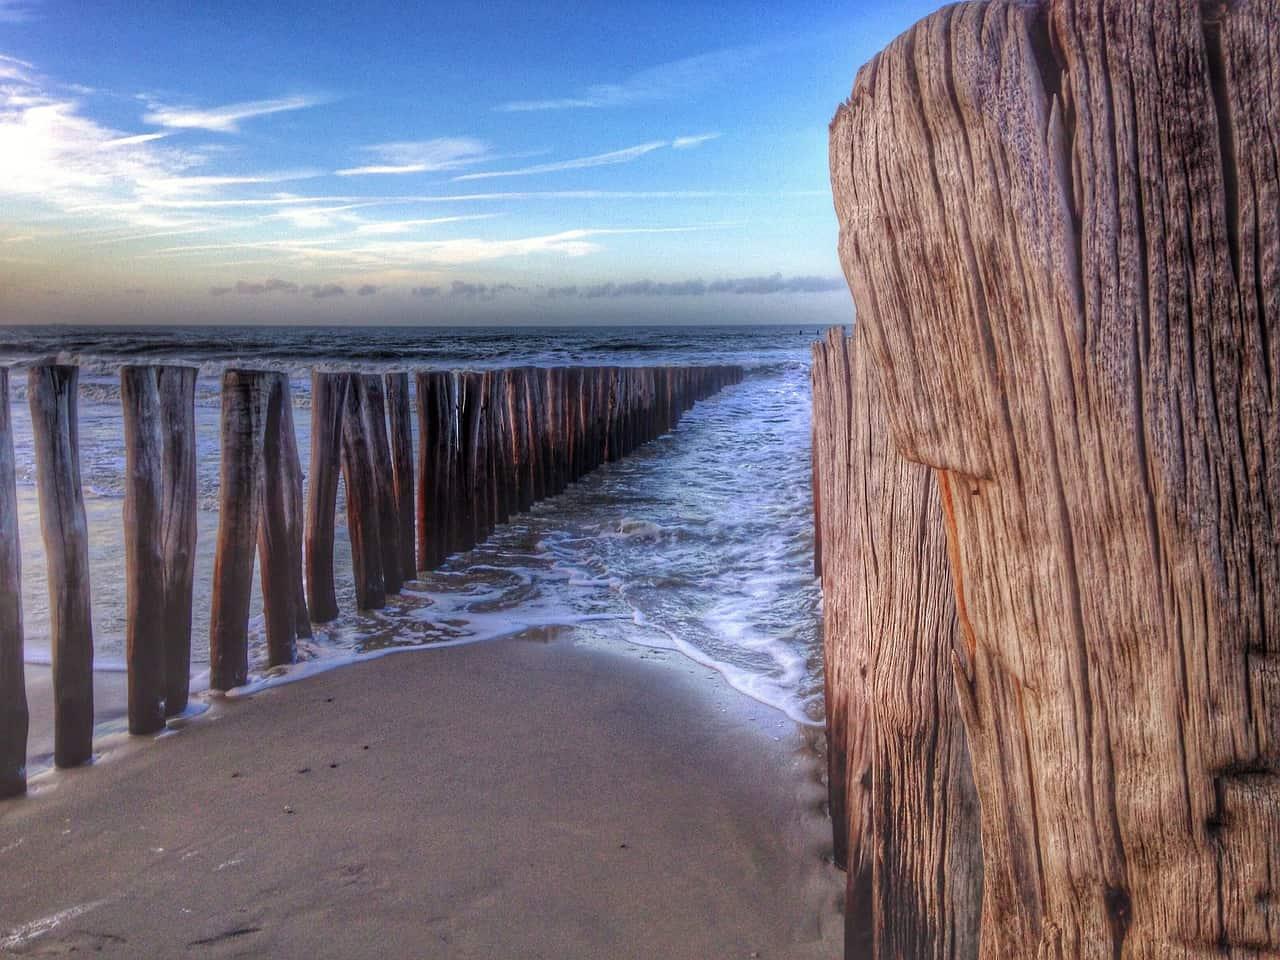 Zeewater spoelt aan op het strand tussen een reeks houten palen.